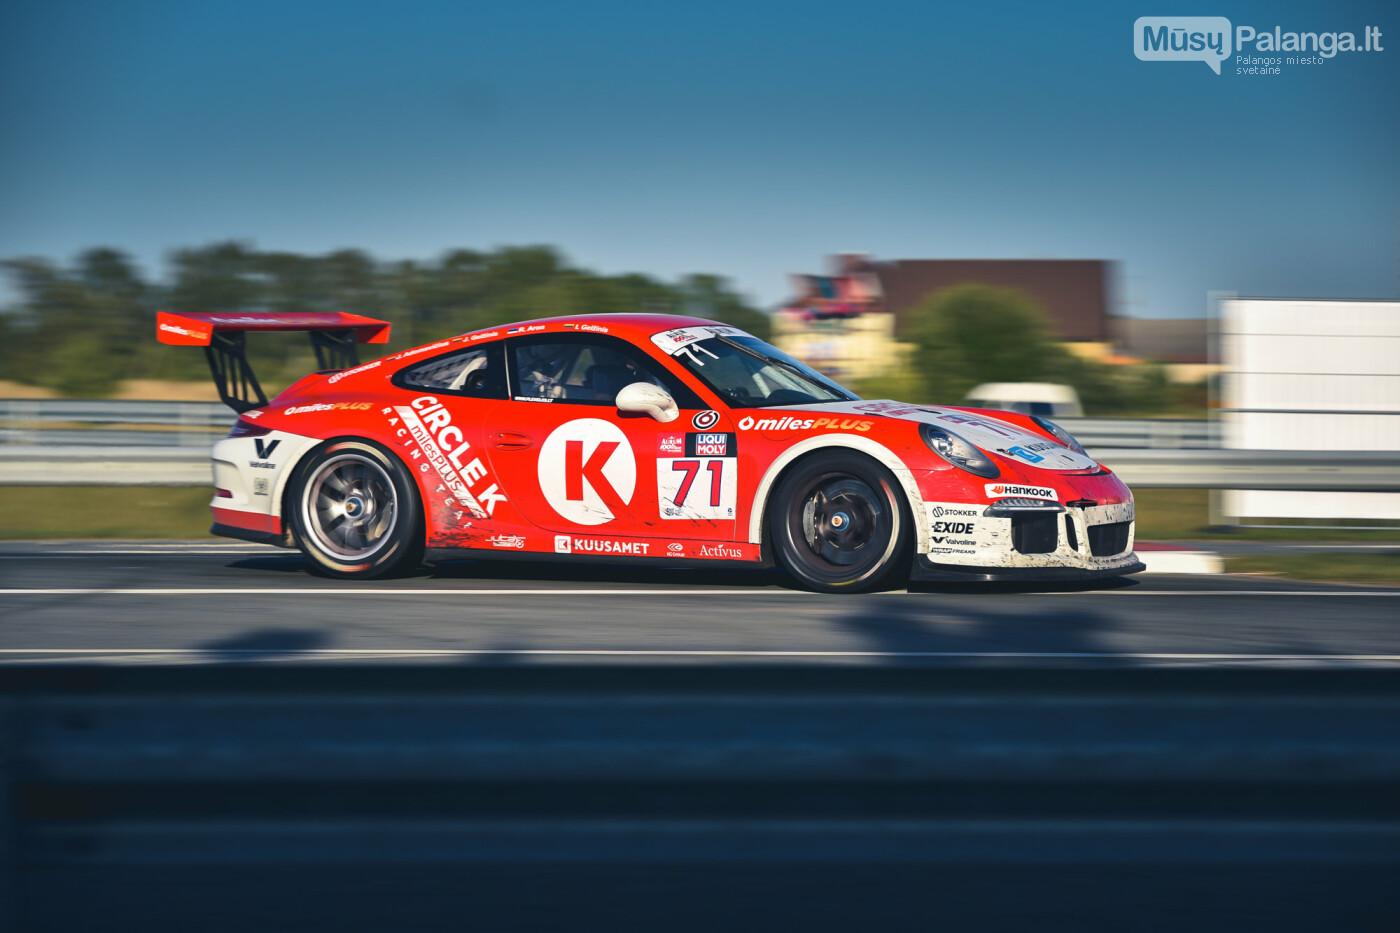 """Jubiliejinėse ilgų nuotolių lenktynėse ryškiausiai švietė """"Circle K milesPlus Racing Team""""  žvaigždė, nuotrauka-1"""